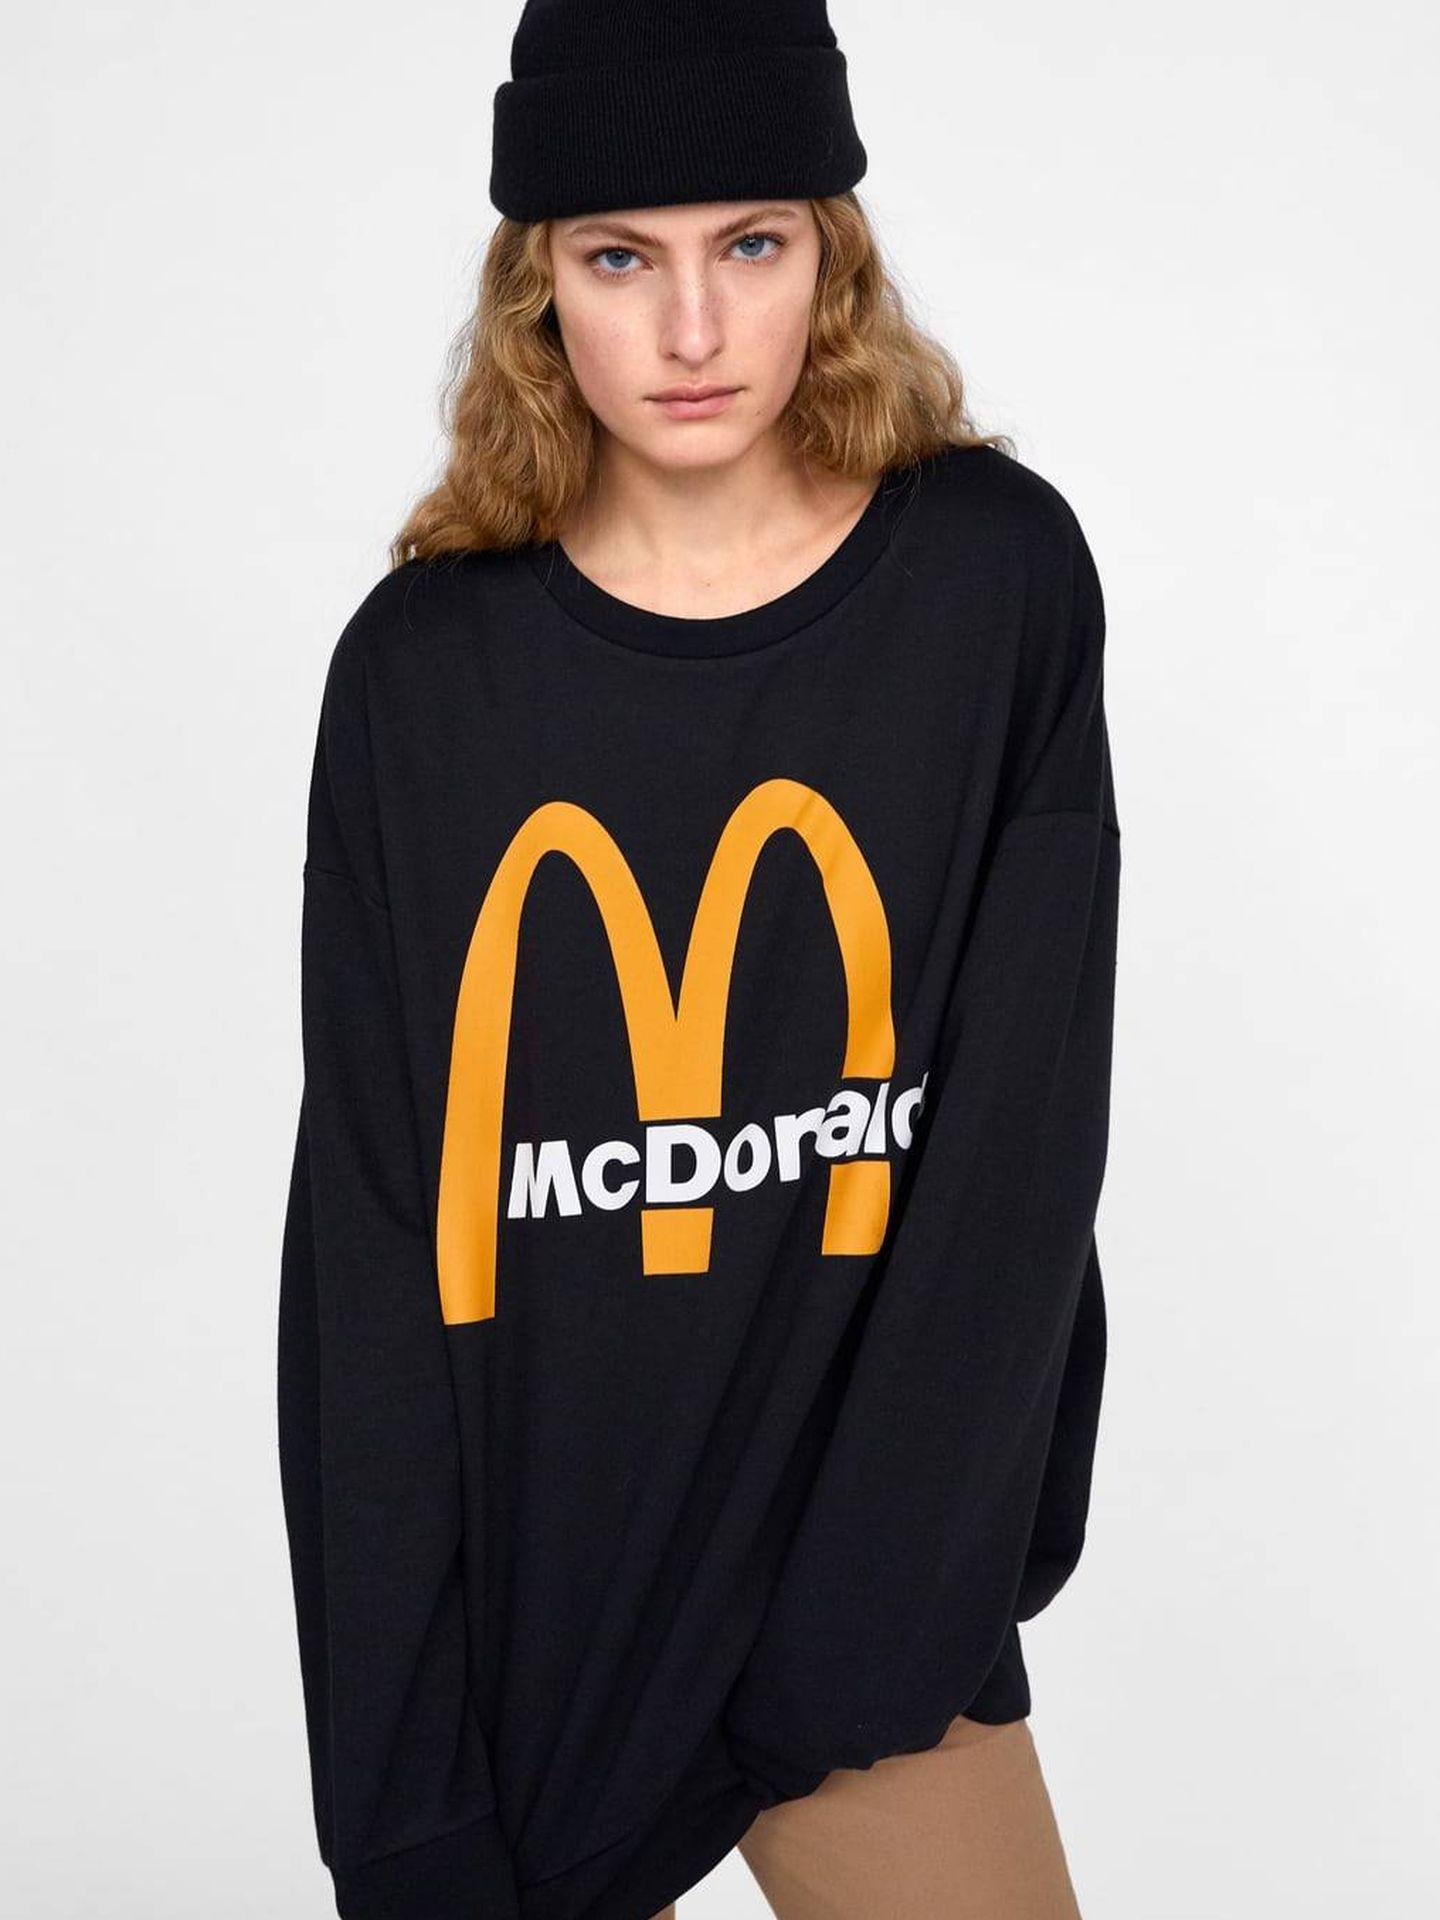 Negra, unisex, oversize y con el logo de McDonald's, 22,95€. (Cortesía)